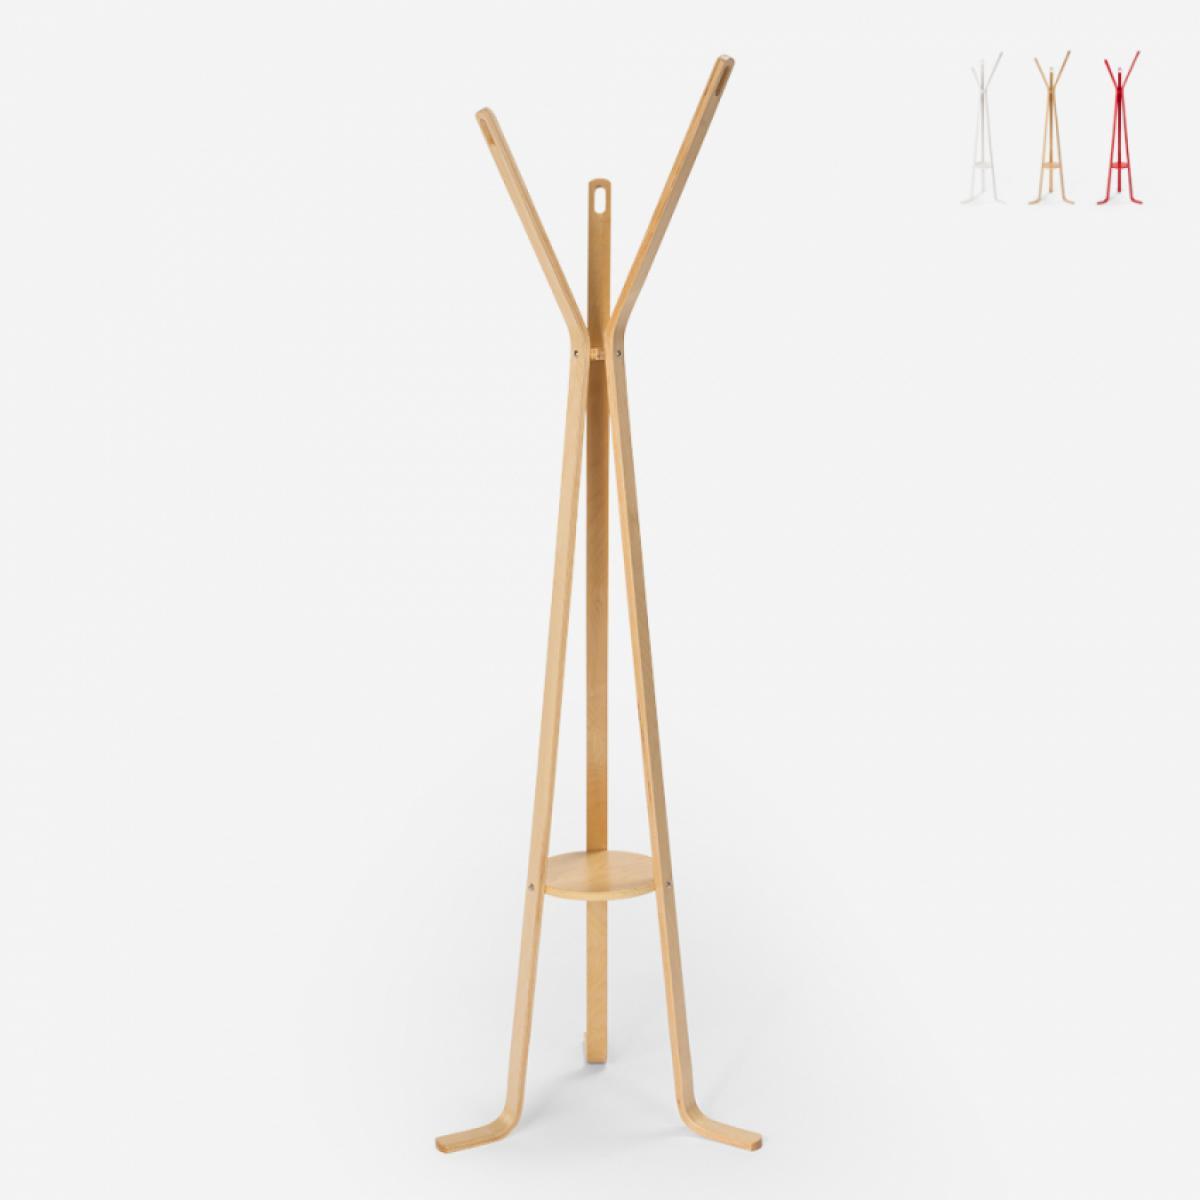 Ahd Amazing Home Design Porte-manteau en bois design nordique pour salon Nordstrand, Couleur: bois neutre